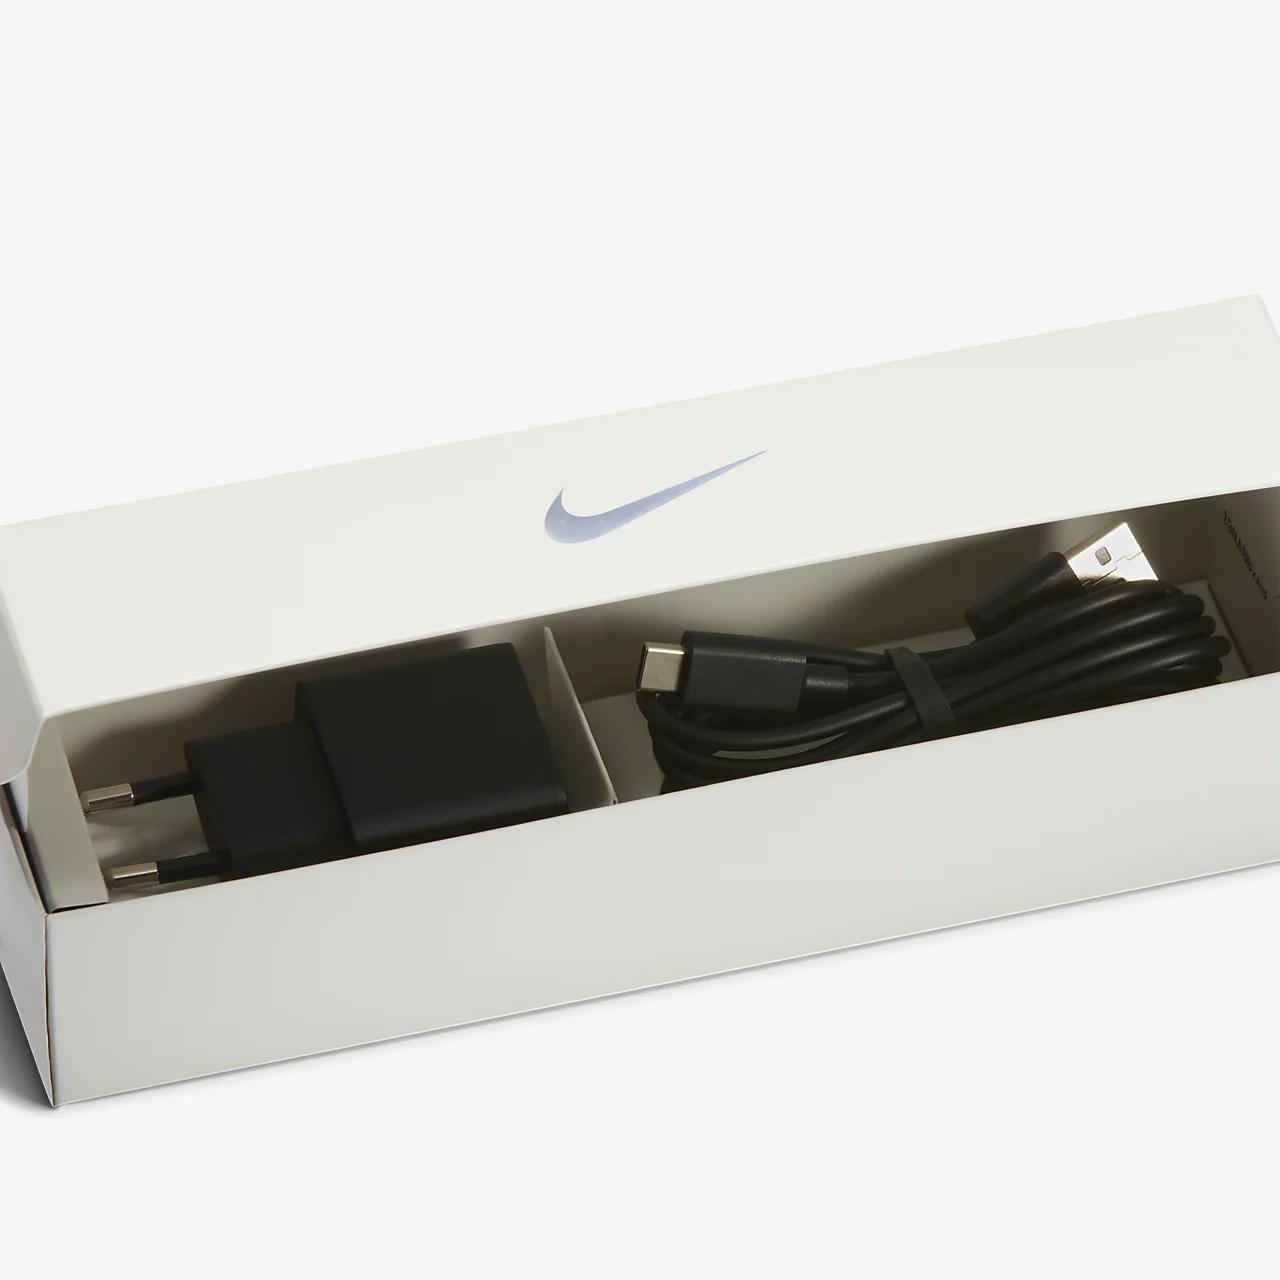 유럽직배송 나이키 NIKE Nike Adapt BB 2.0 Basketball Shoe CV2441-400